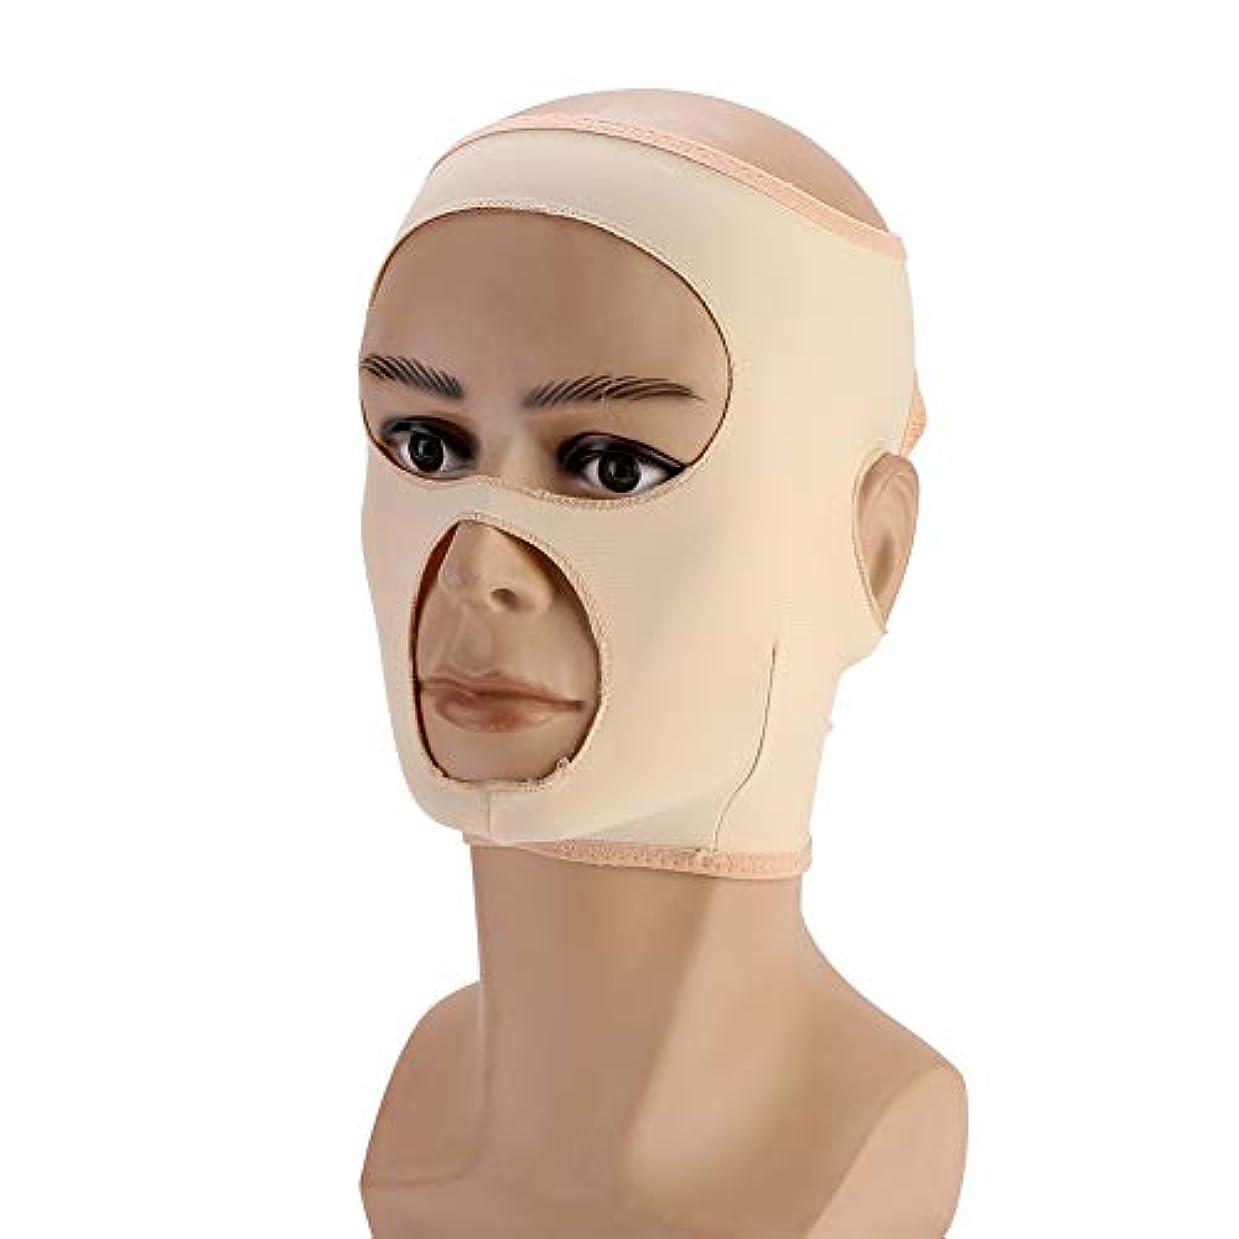 実現可能休憩私のフェイスケア用フェイシャルスリミングマスクフェイシャルケア用フェイシャルスリミングマスクダブルフェイスリフト(M)